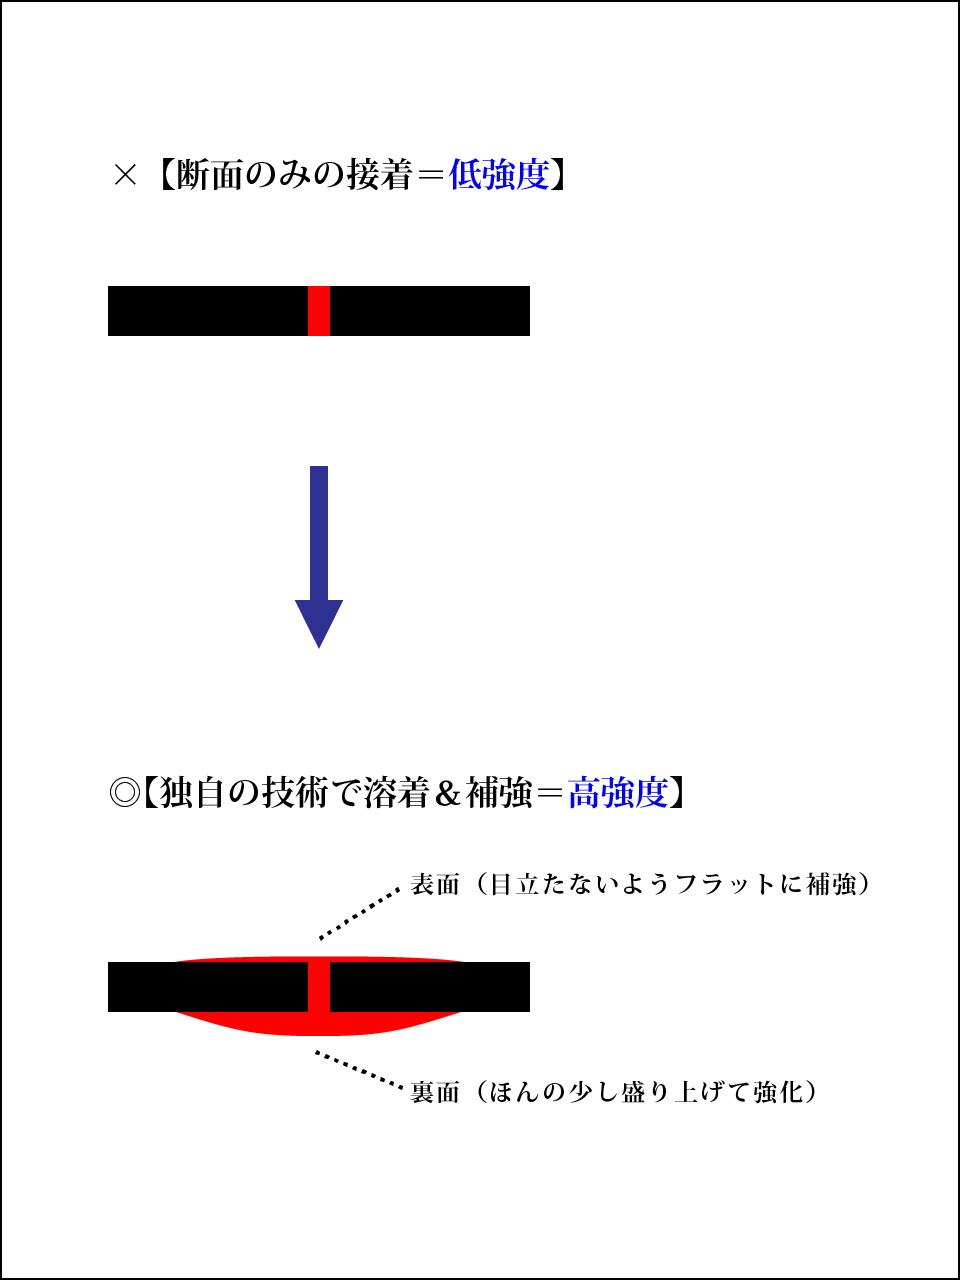 アセテートメガネ補修図